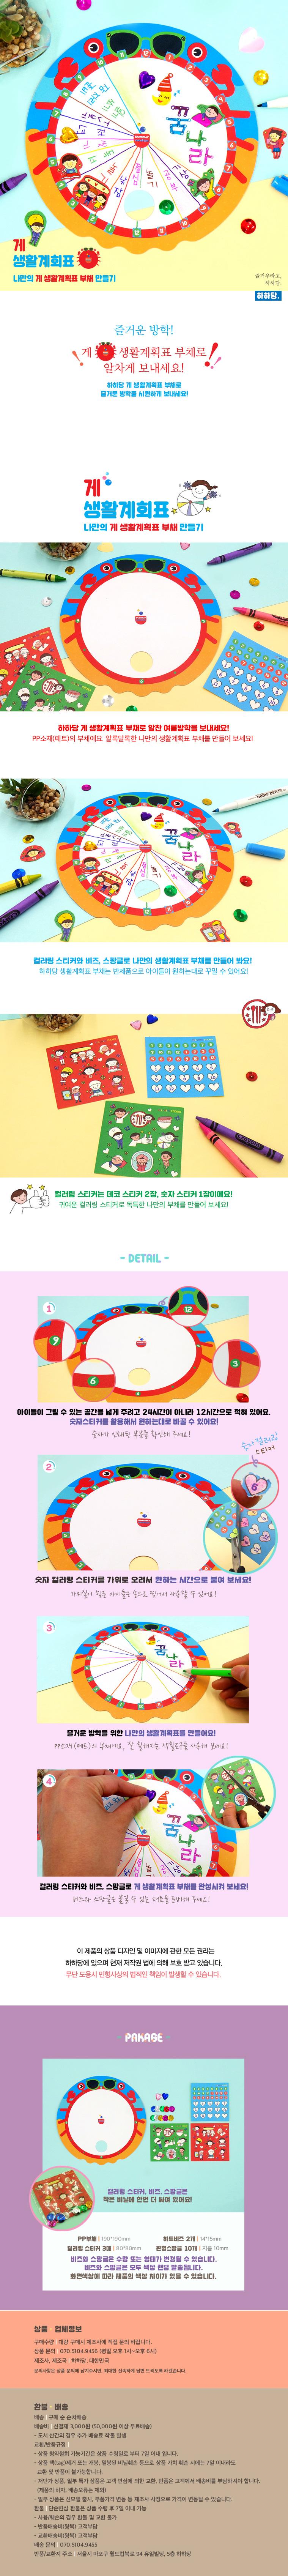 생활계획표부채 만들기_꽃게 - 하하당, 1,500원, 종이공예/북아트, 소품 패키지